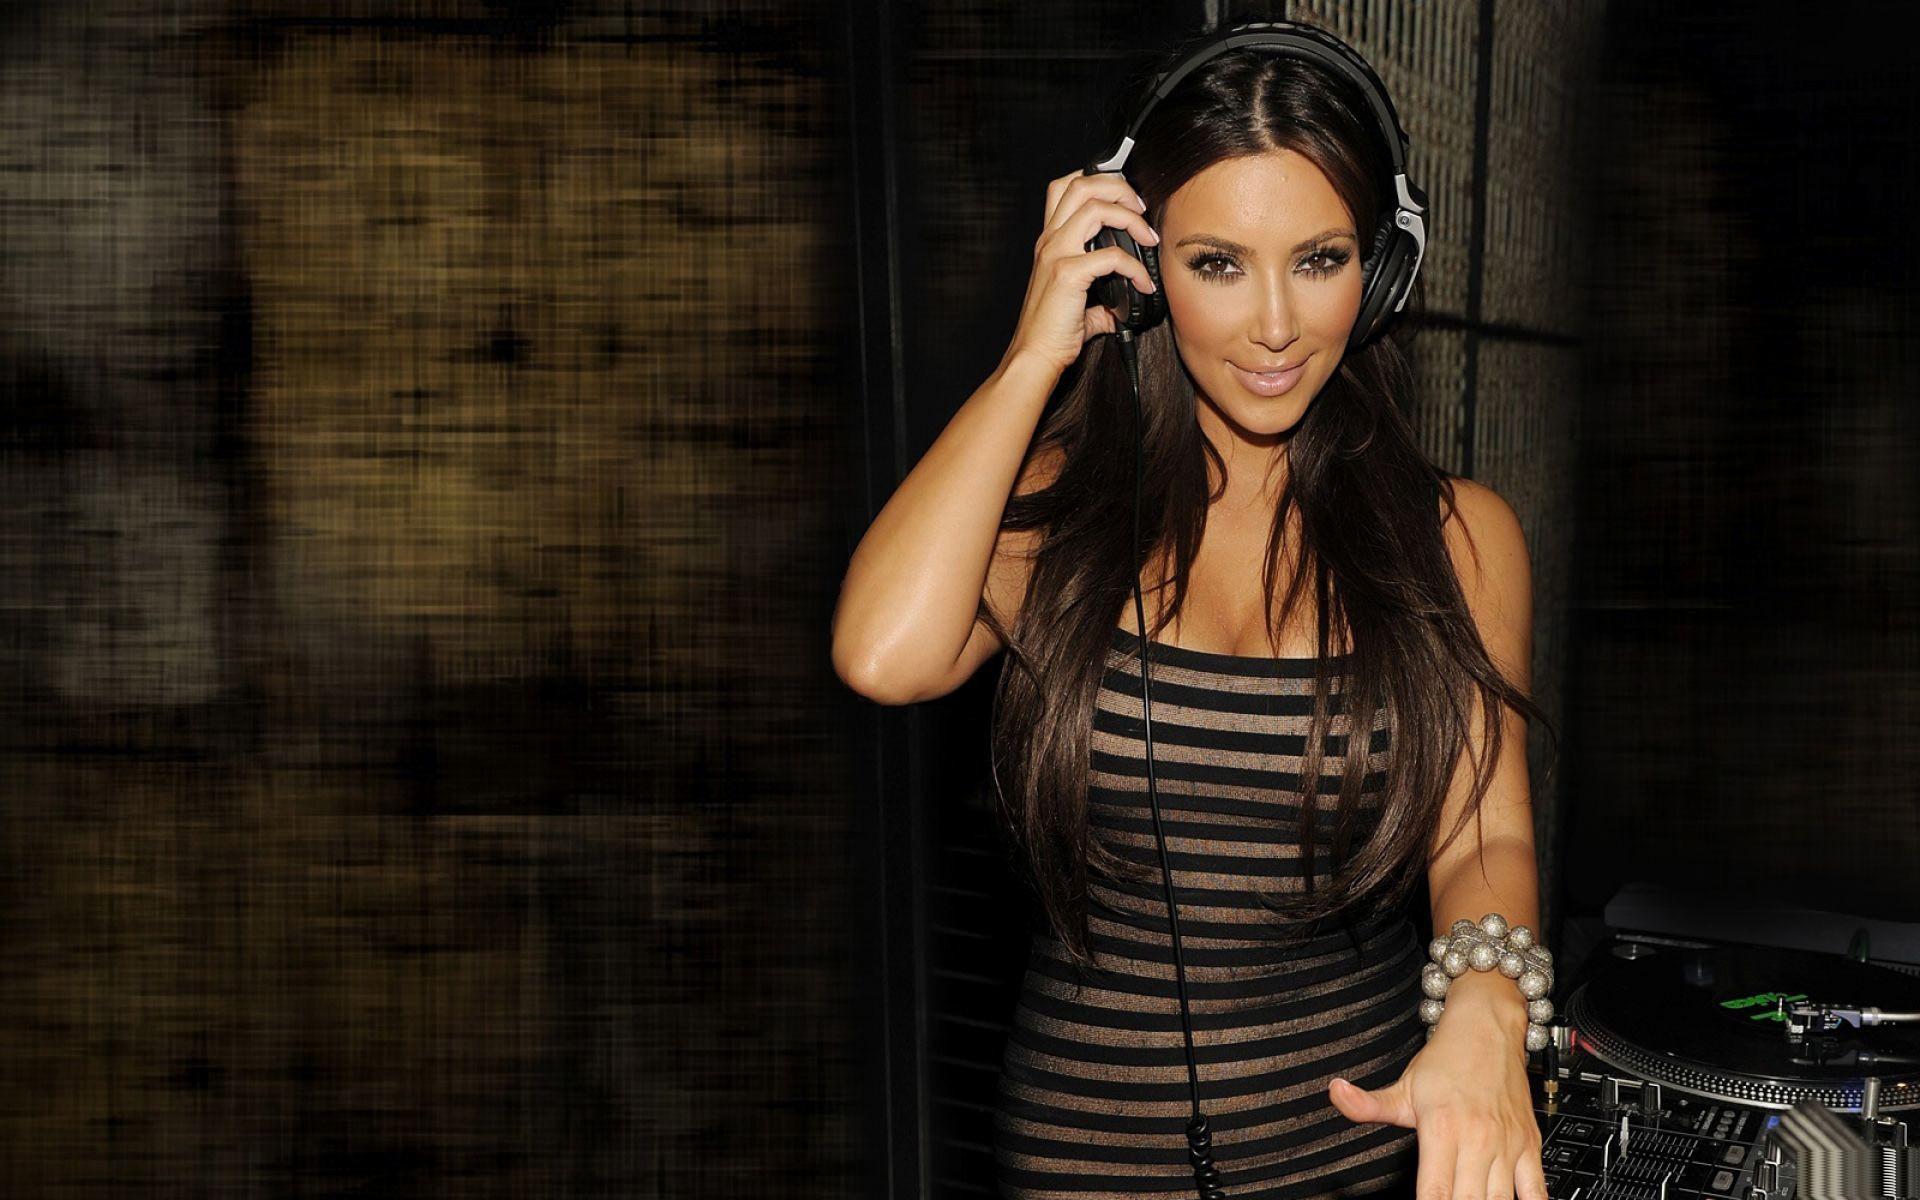 wallpaper.wiki-Kim-Kardashian-DJ-Wallpapers-HD-PIC-